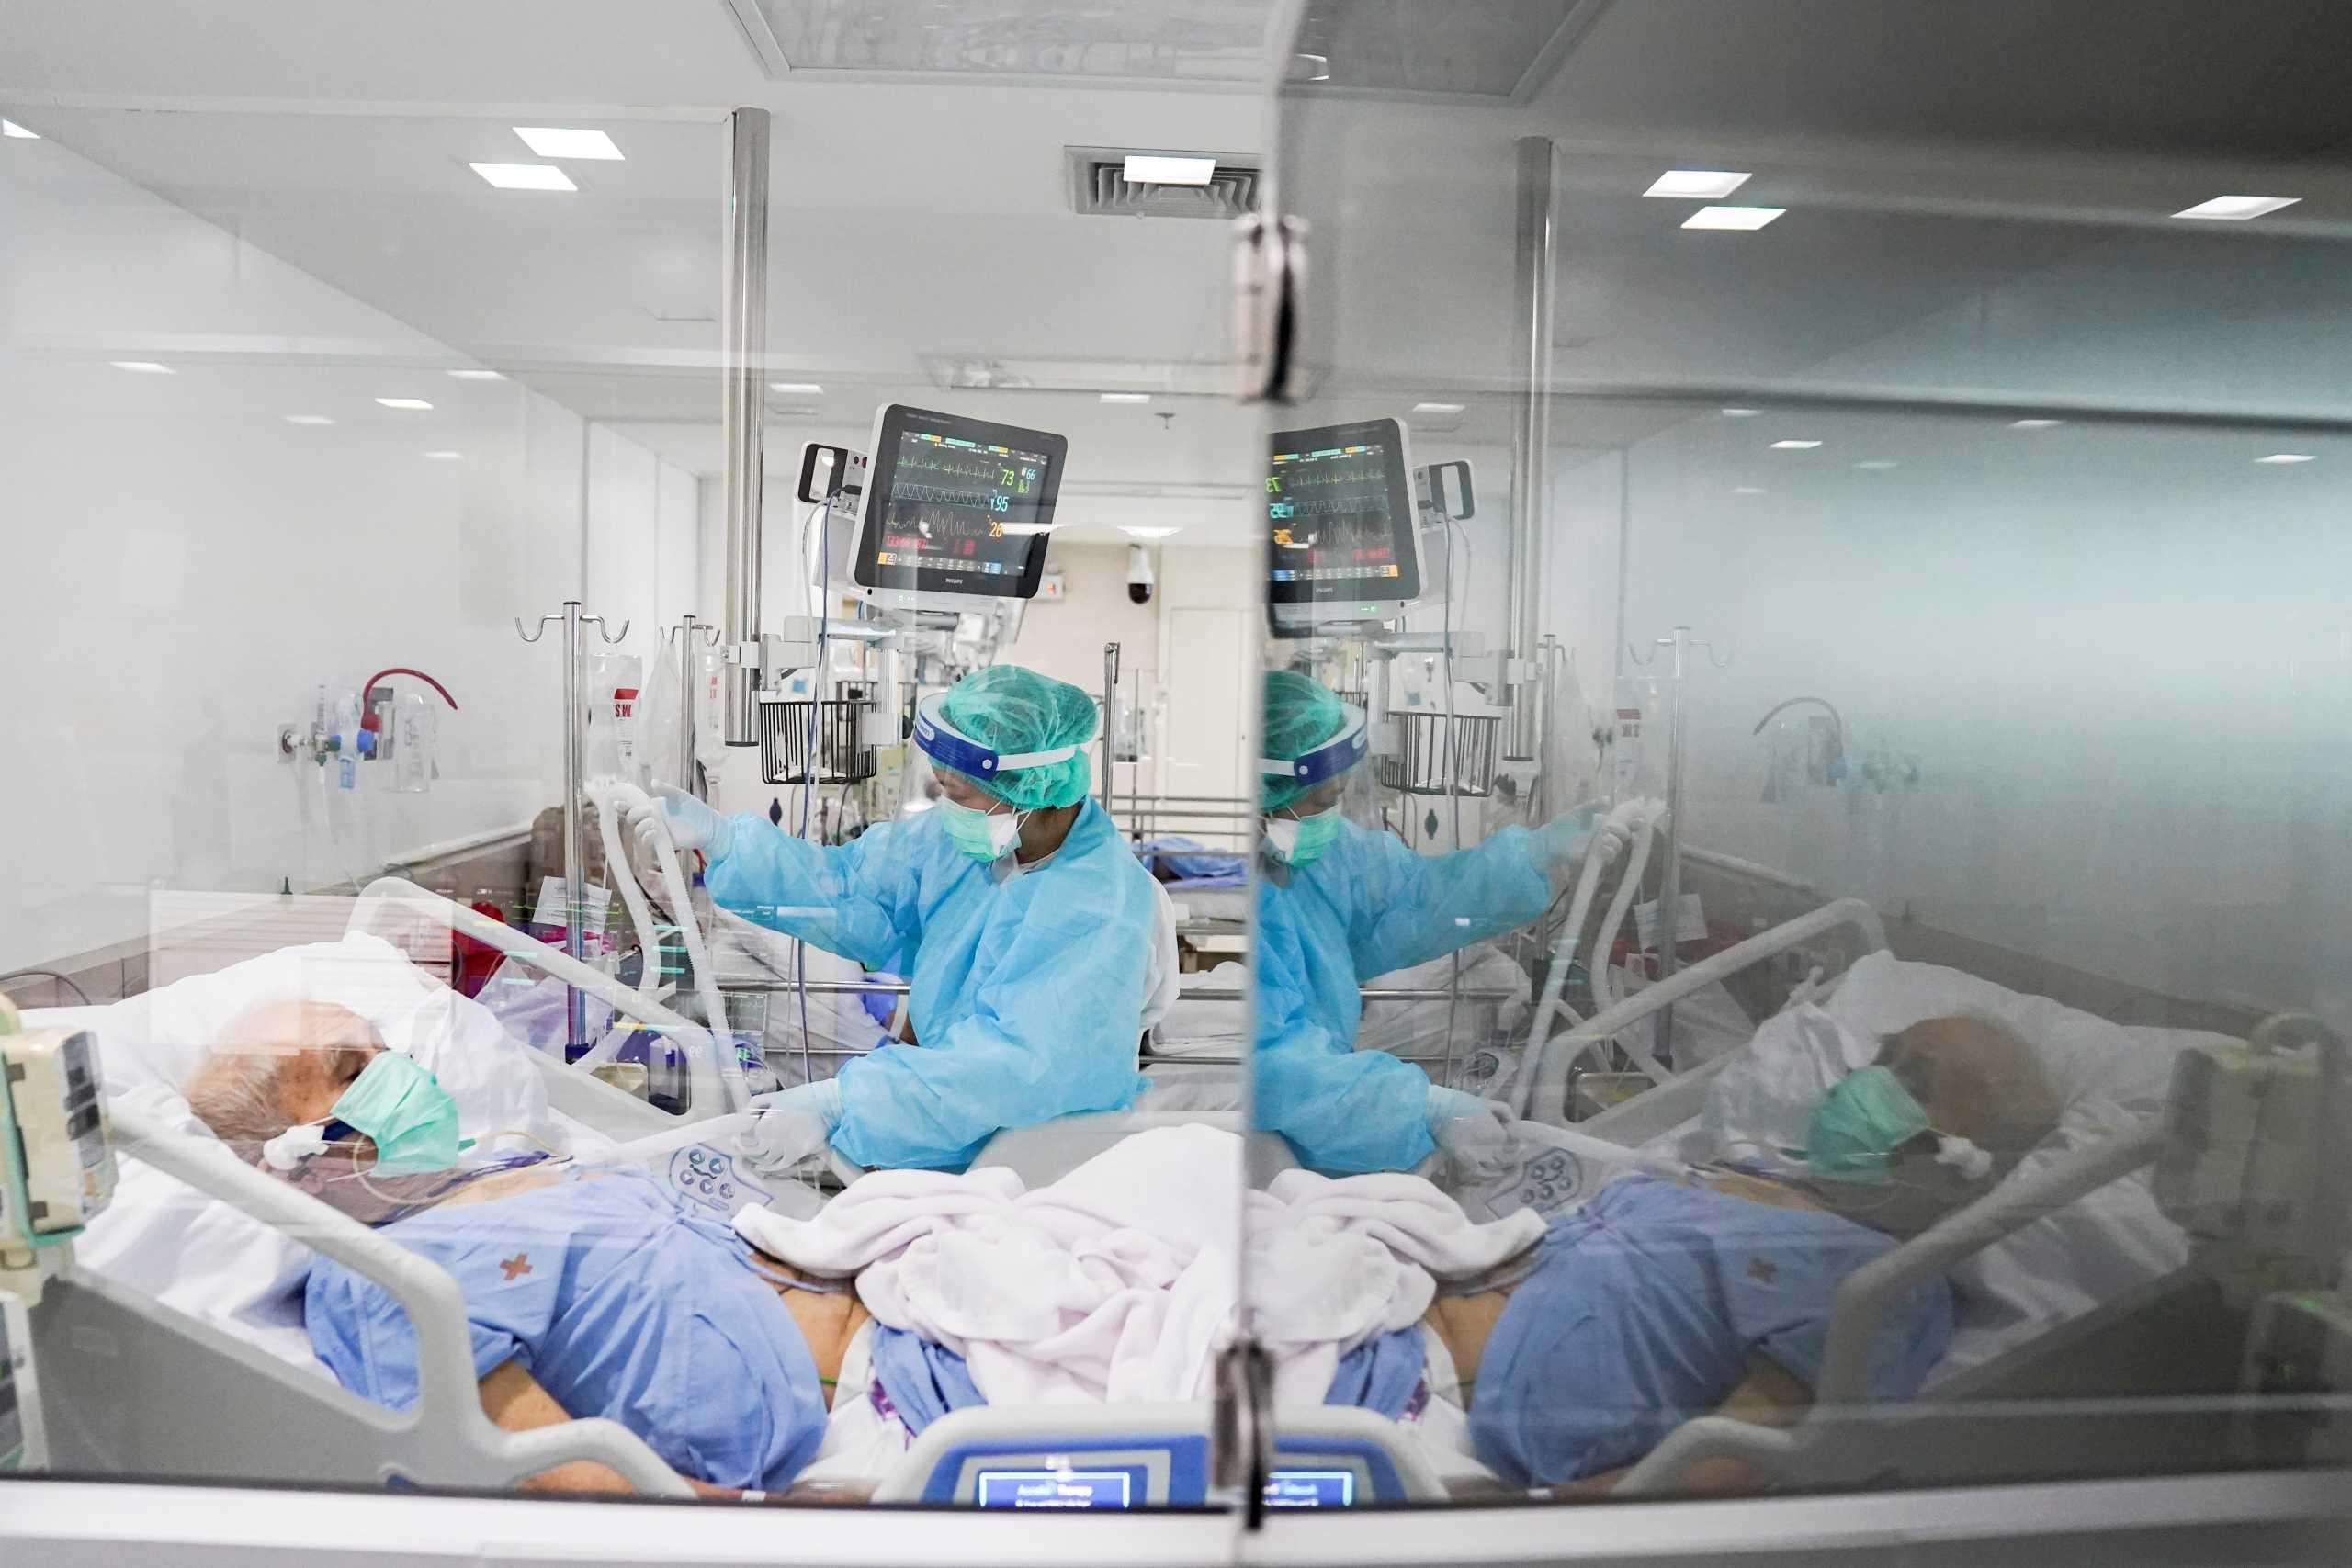 Κορονοϊός – Έρευνα: Με γνωστικά και συμπεριφορικά προβλήματα πολλοί ασθενείς μετά τη νόσηση